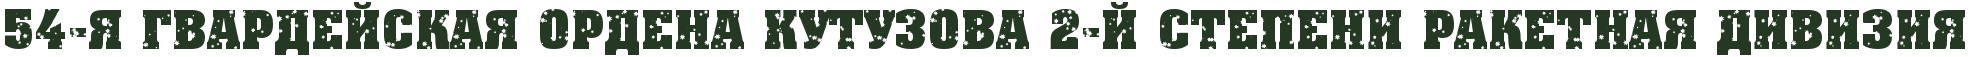 54-я гвардейская ордена Кутузова 2-й степени ракетная дивизия